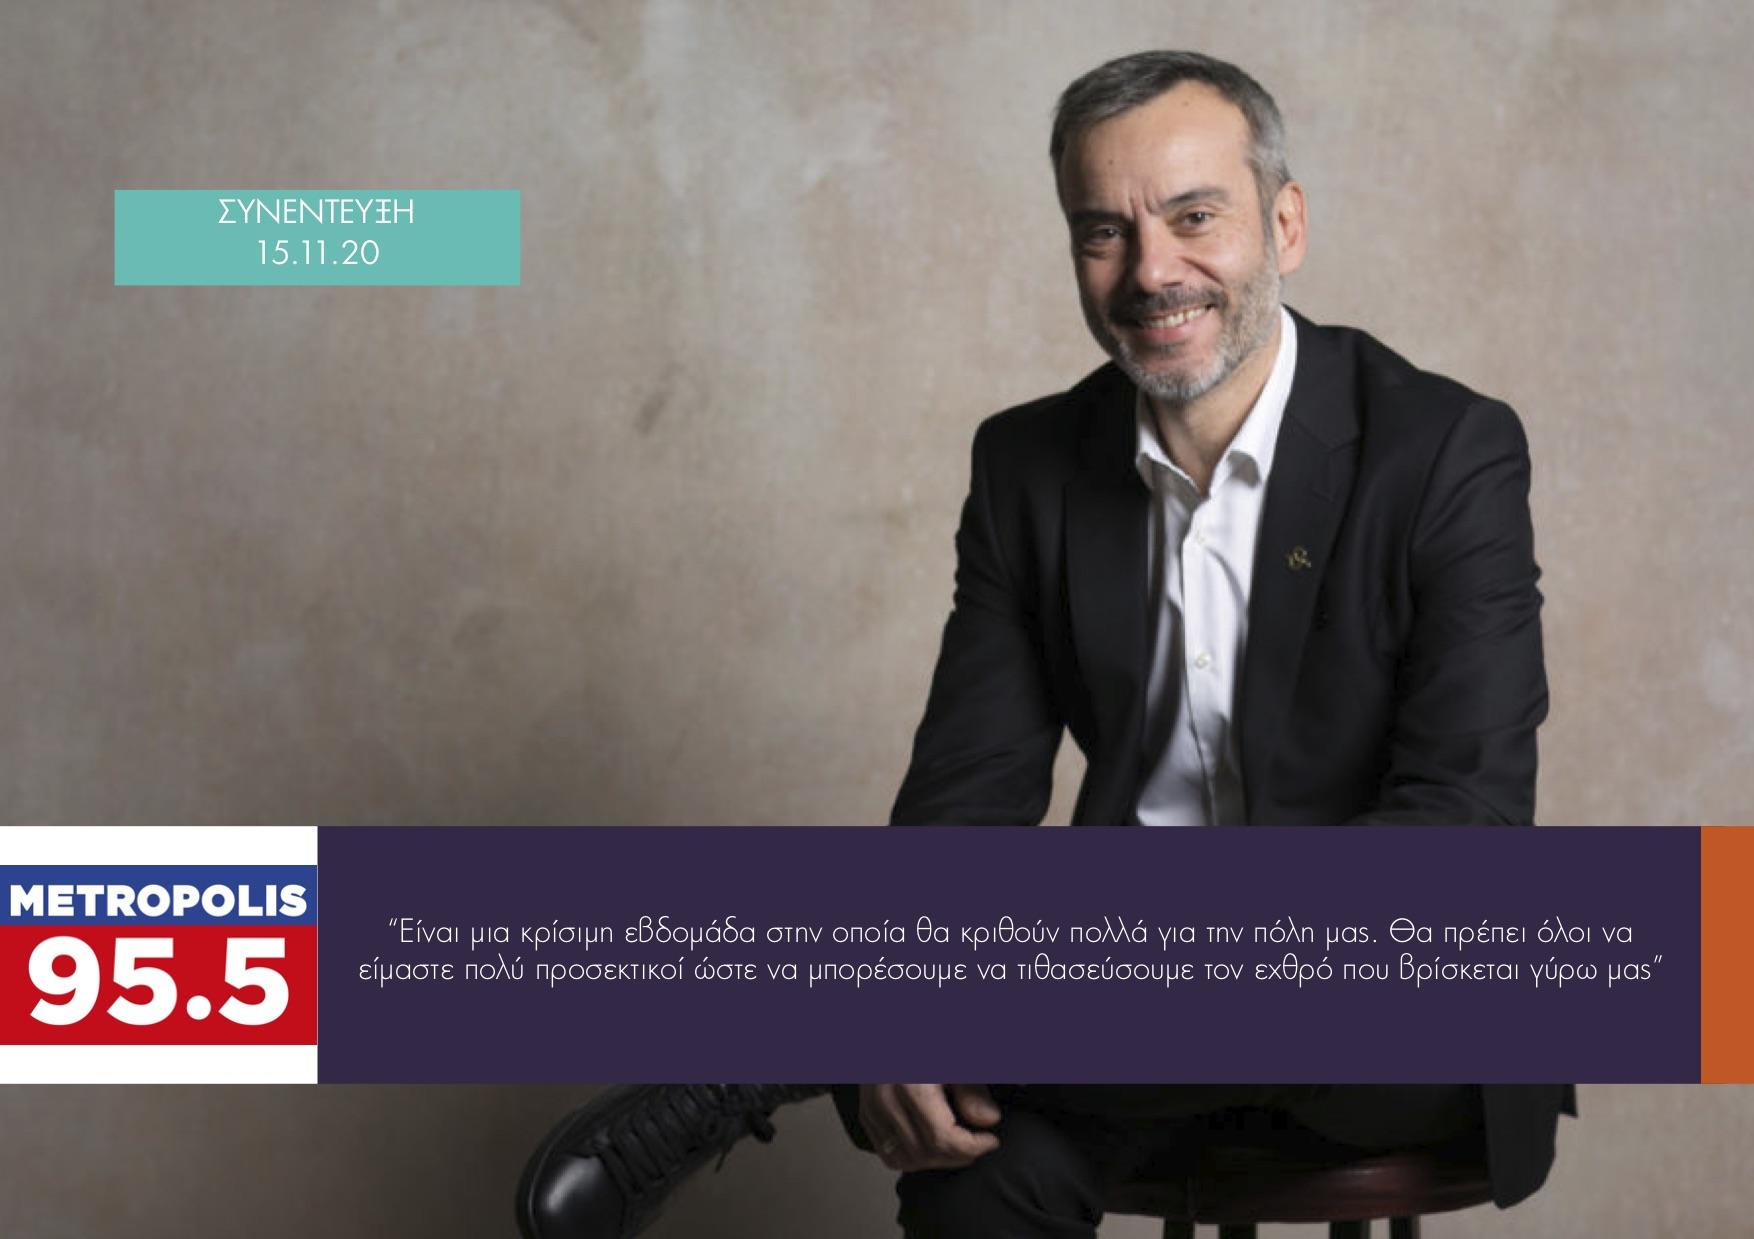 Συνέντευξη στην εκπομπή «Παρέμβαση» στο Metropolis 95.5